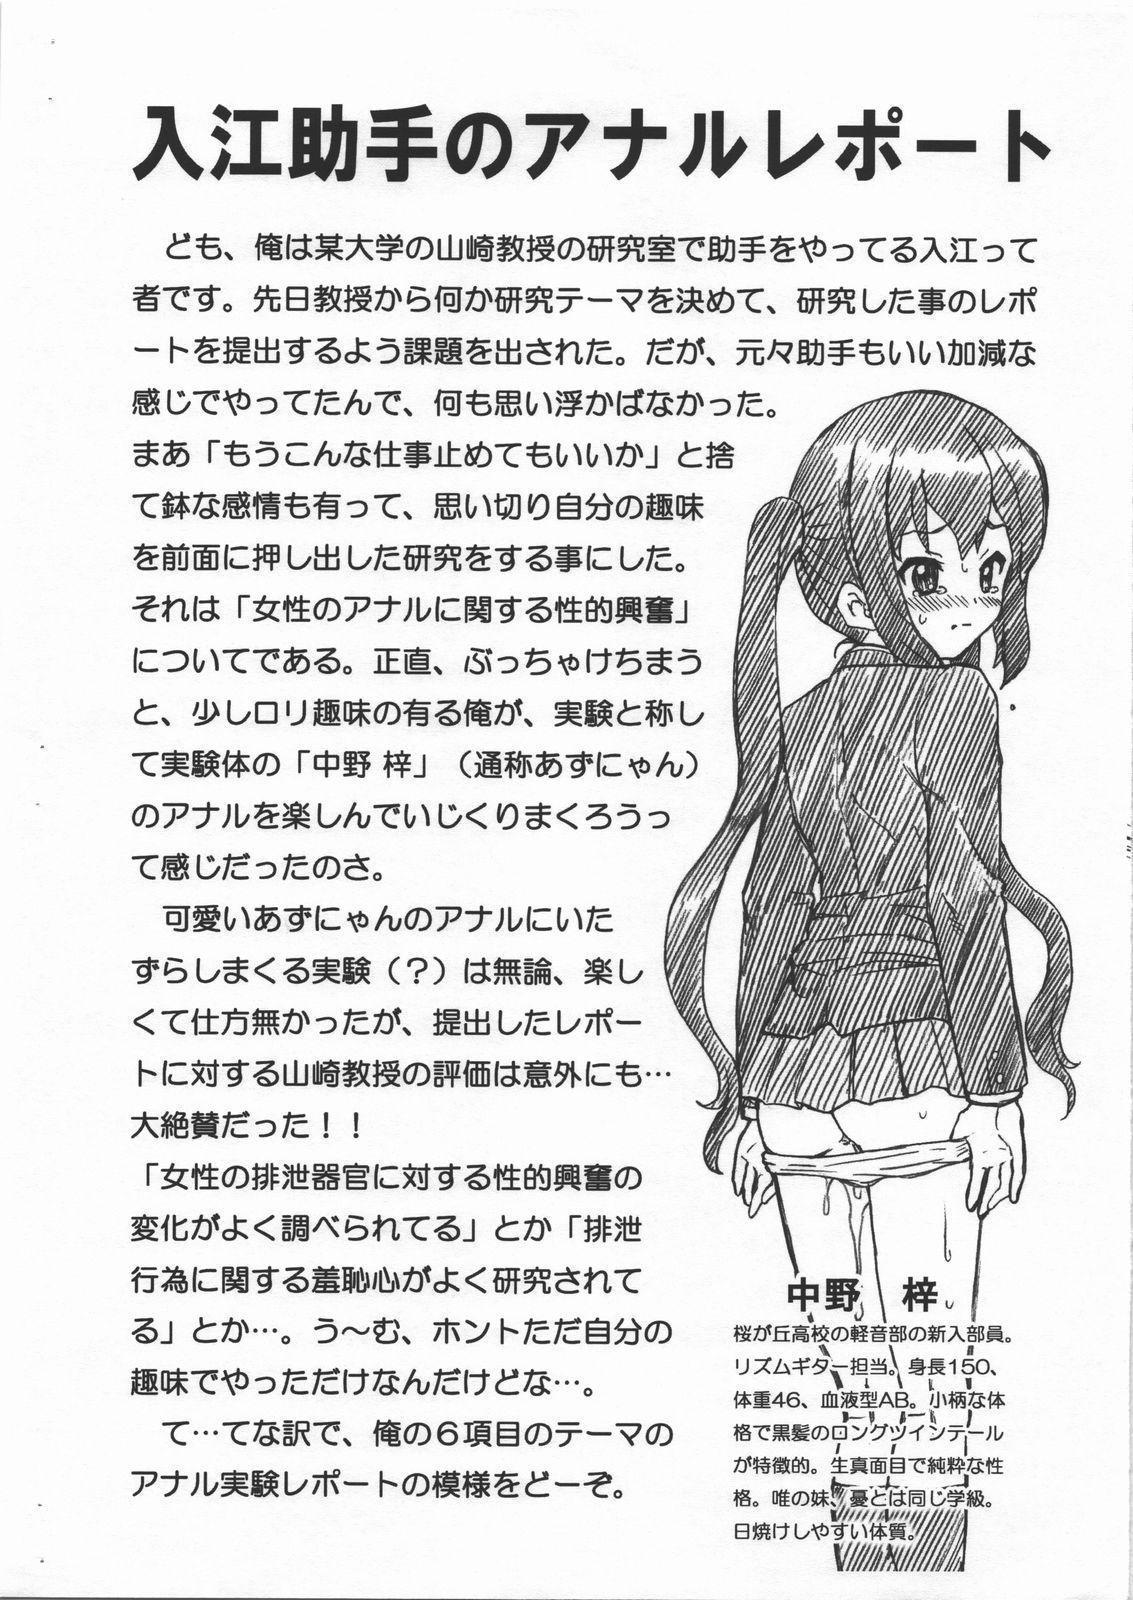 Irie Joshu no Anal Report - Nakano Azusa 1